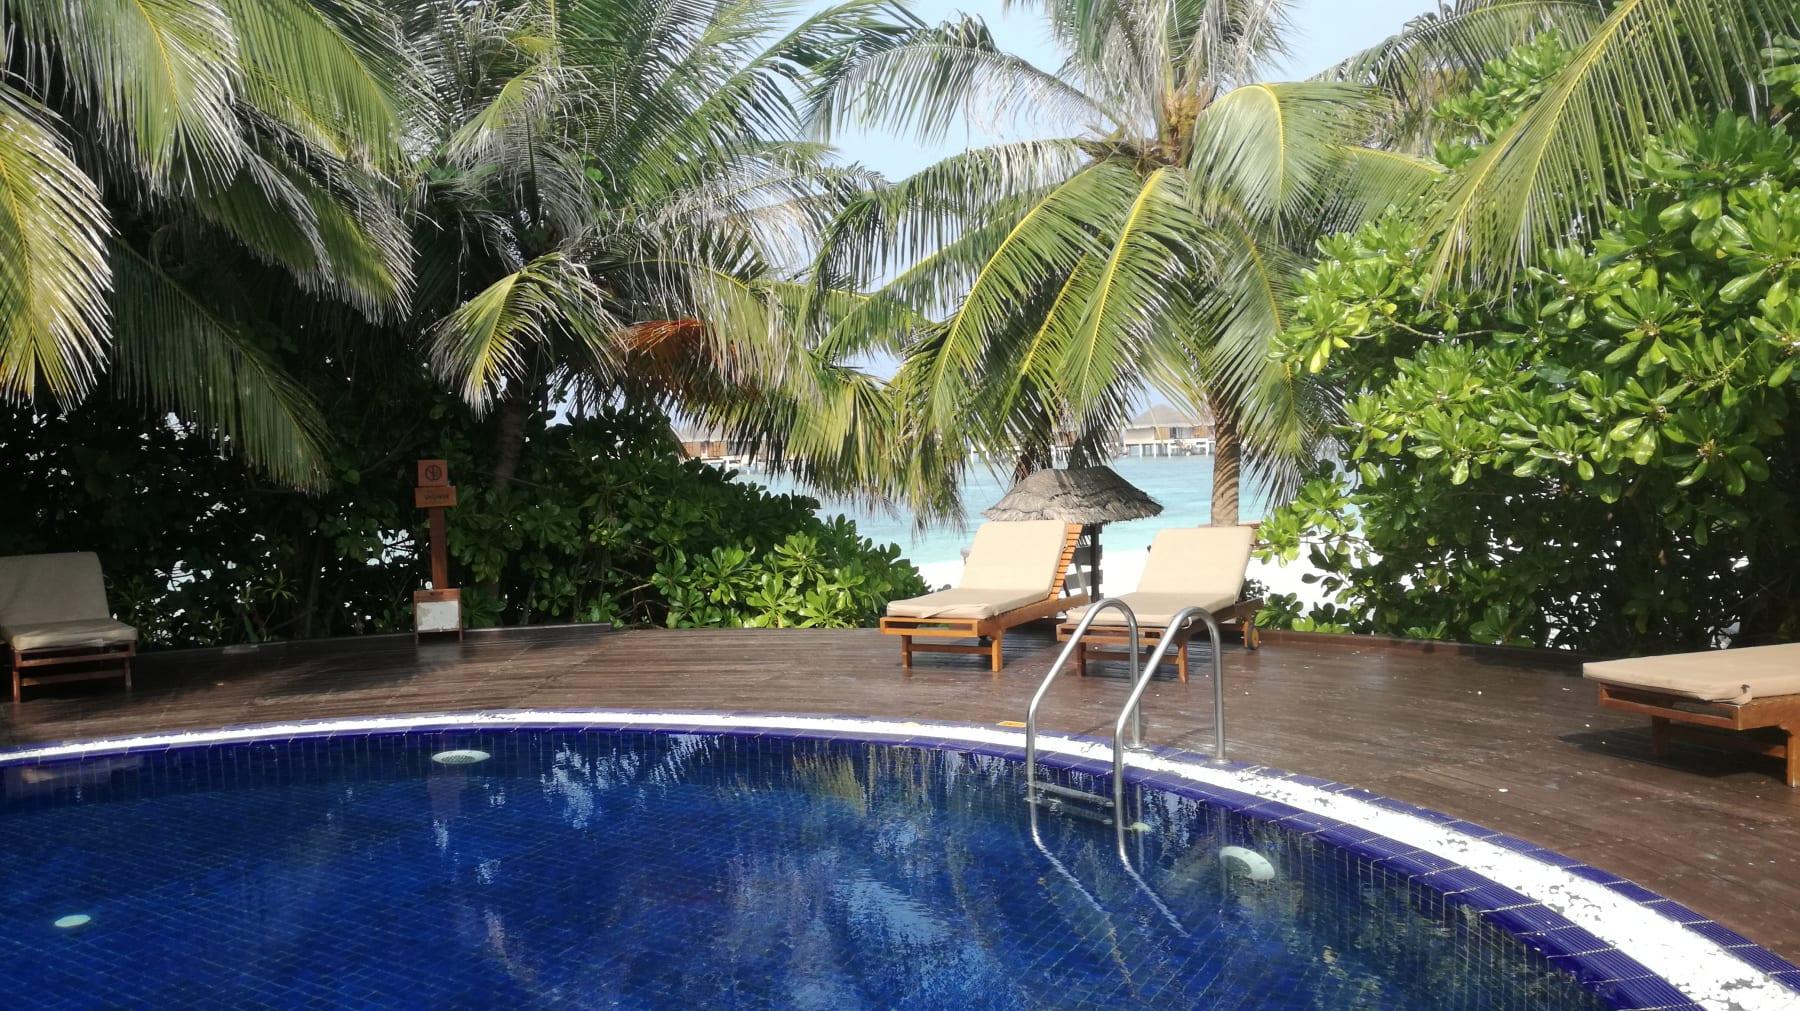 Den v luxusním resortu na Maledivách